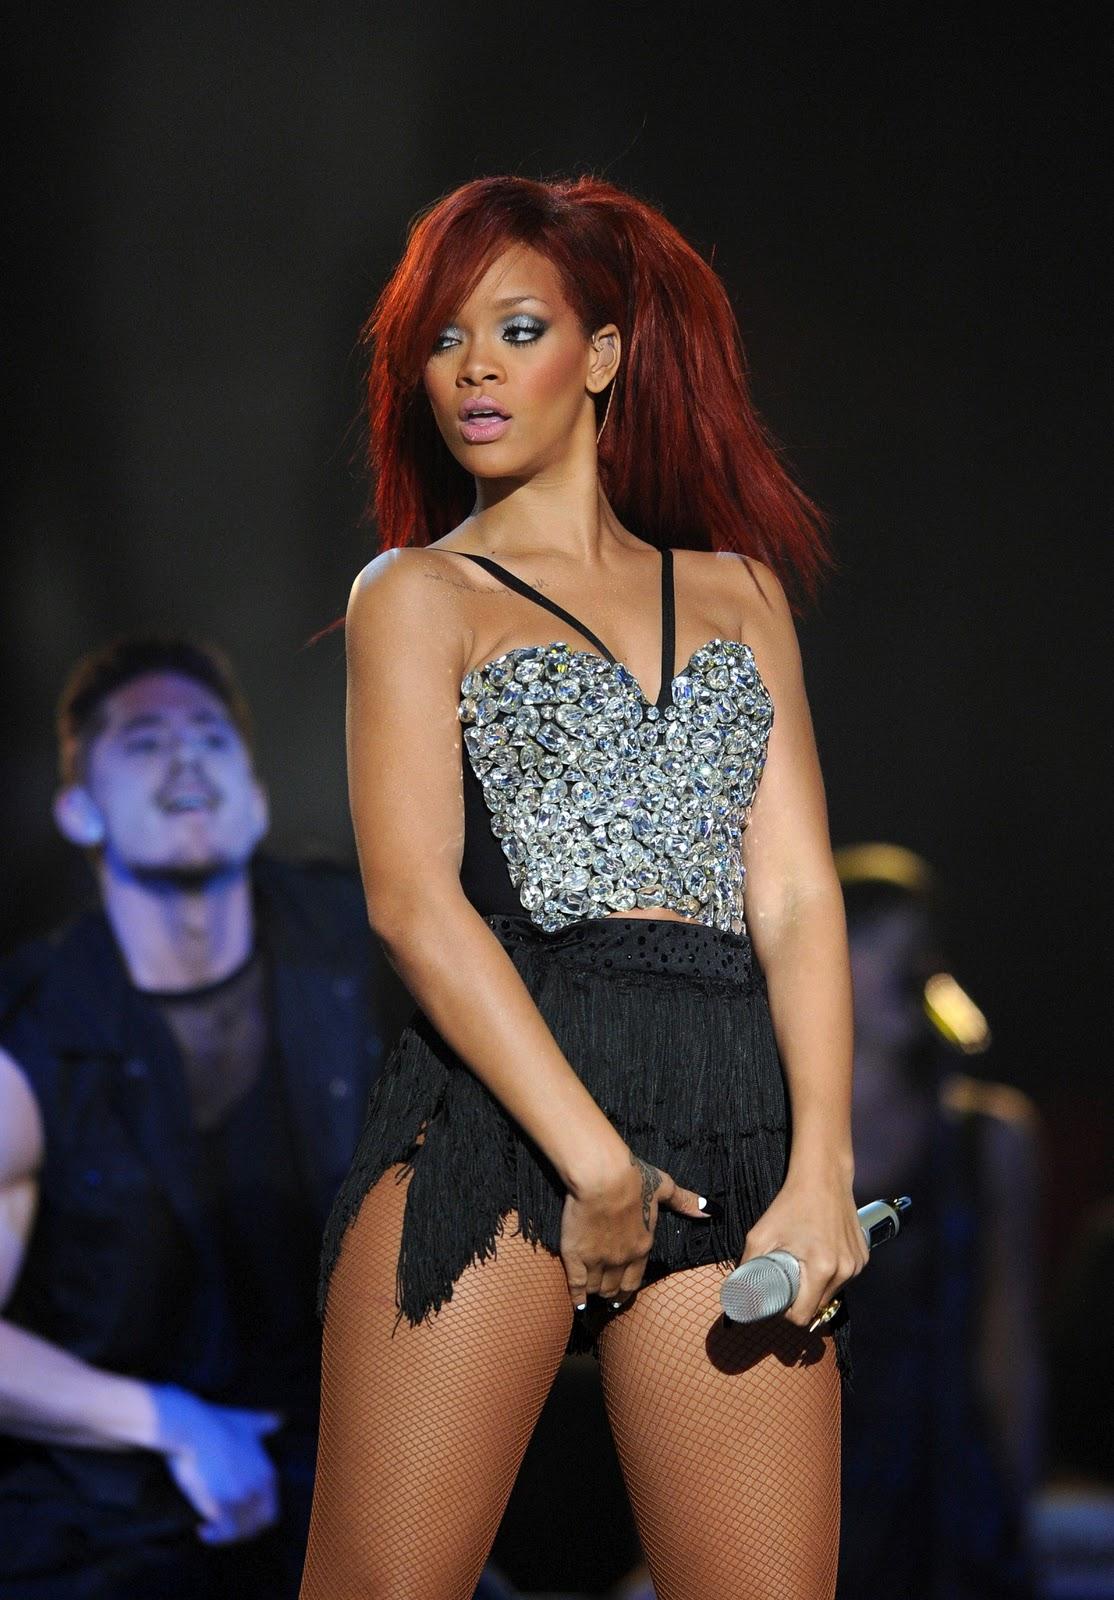 http://1.bp.blogspot.com/-i3F0RdXkn8o/TWWFGlByycI/AAAAAAAACEc/QlXPVf49w0w/s1600/Rihanna-54.jpg